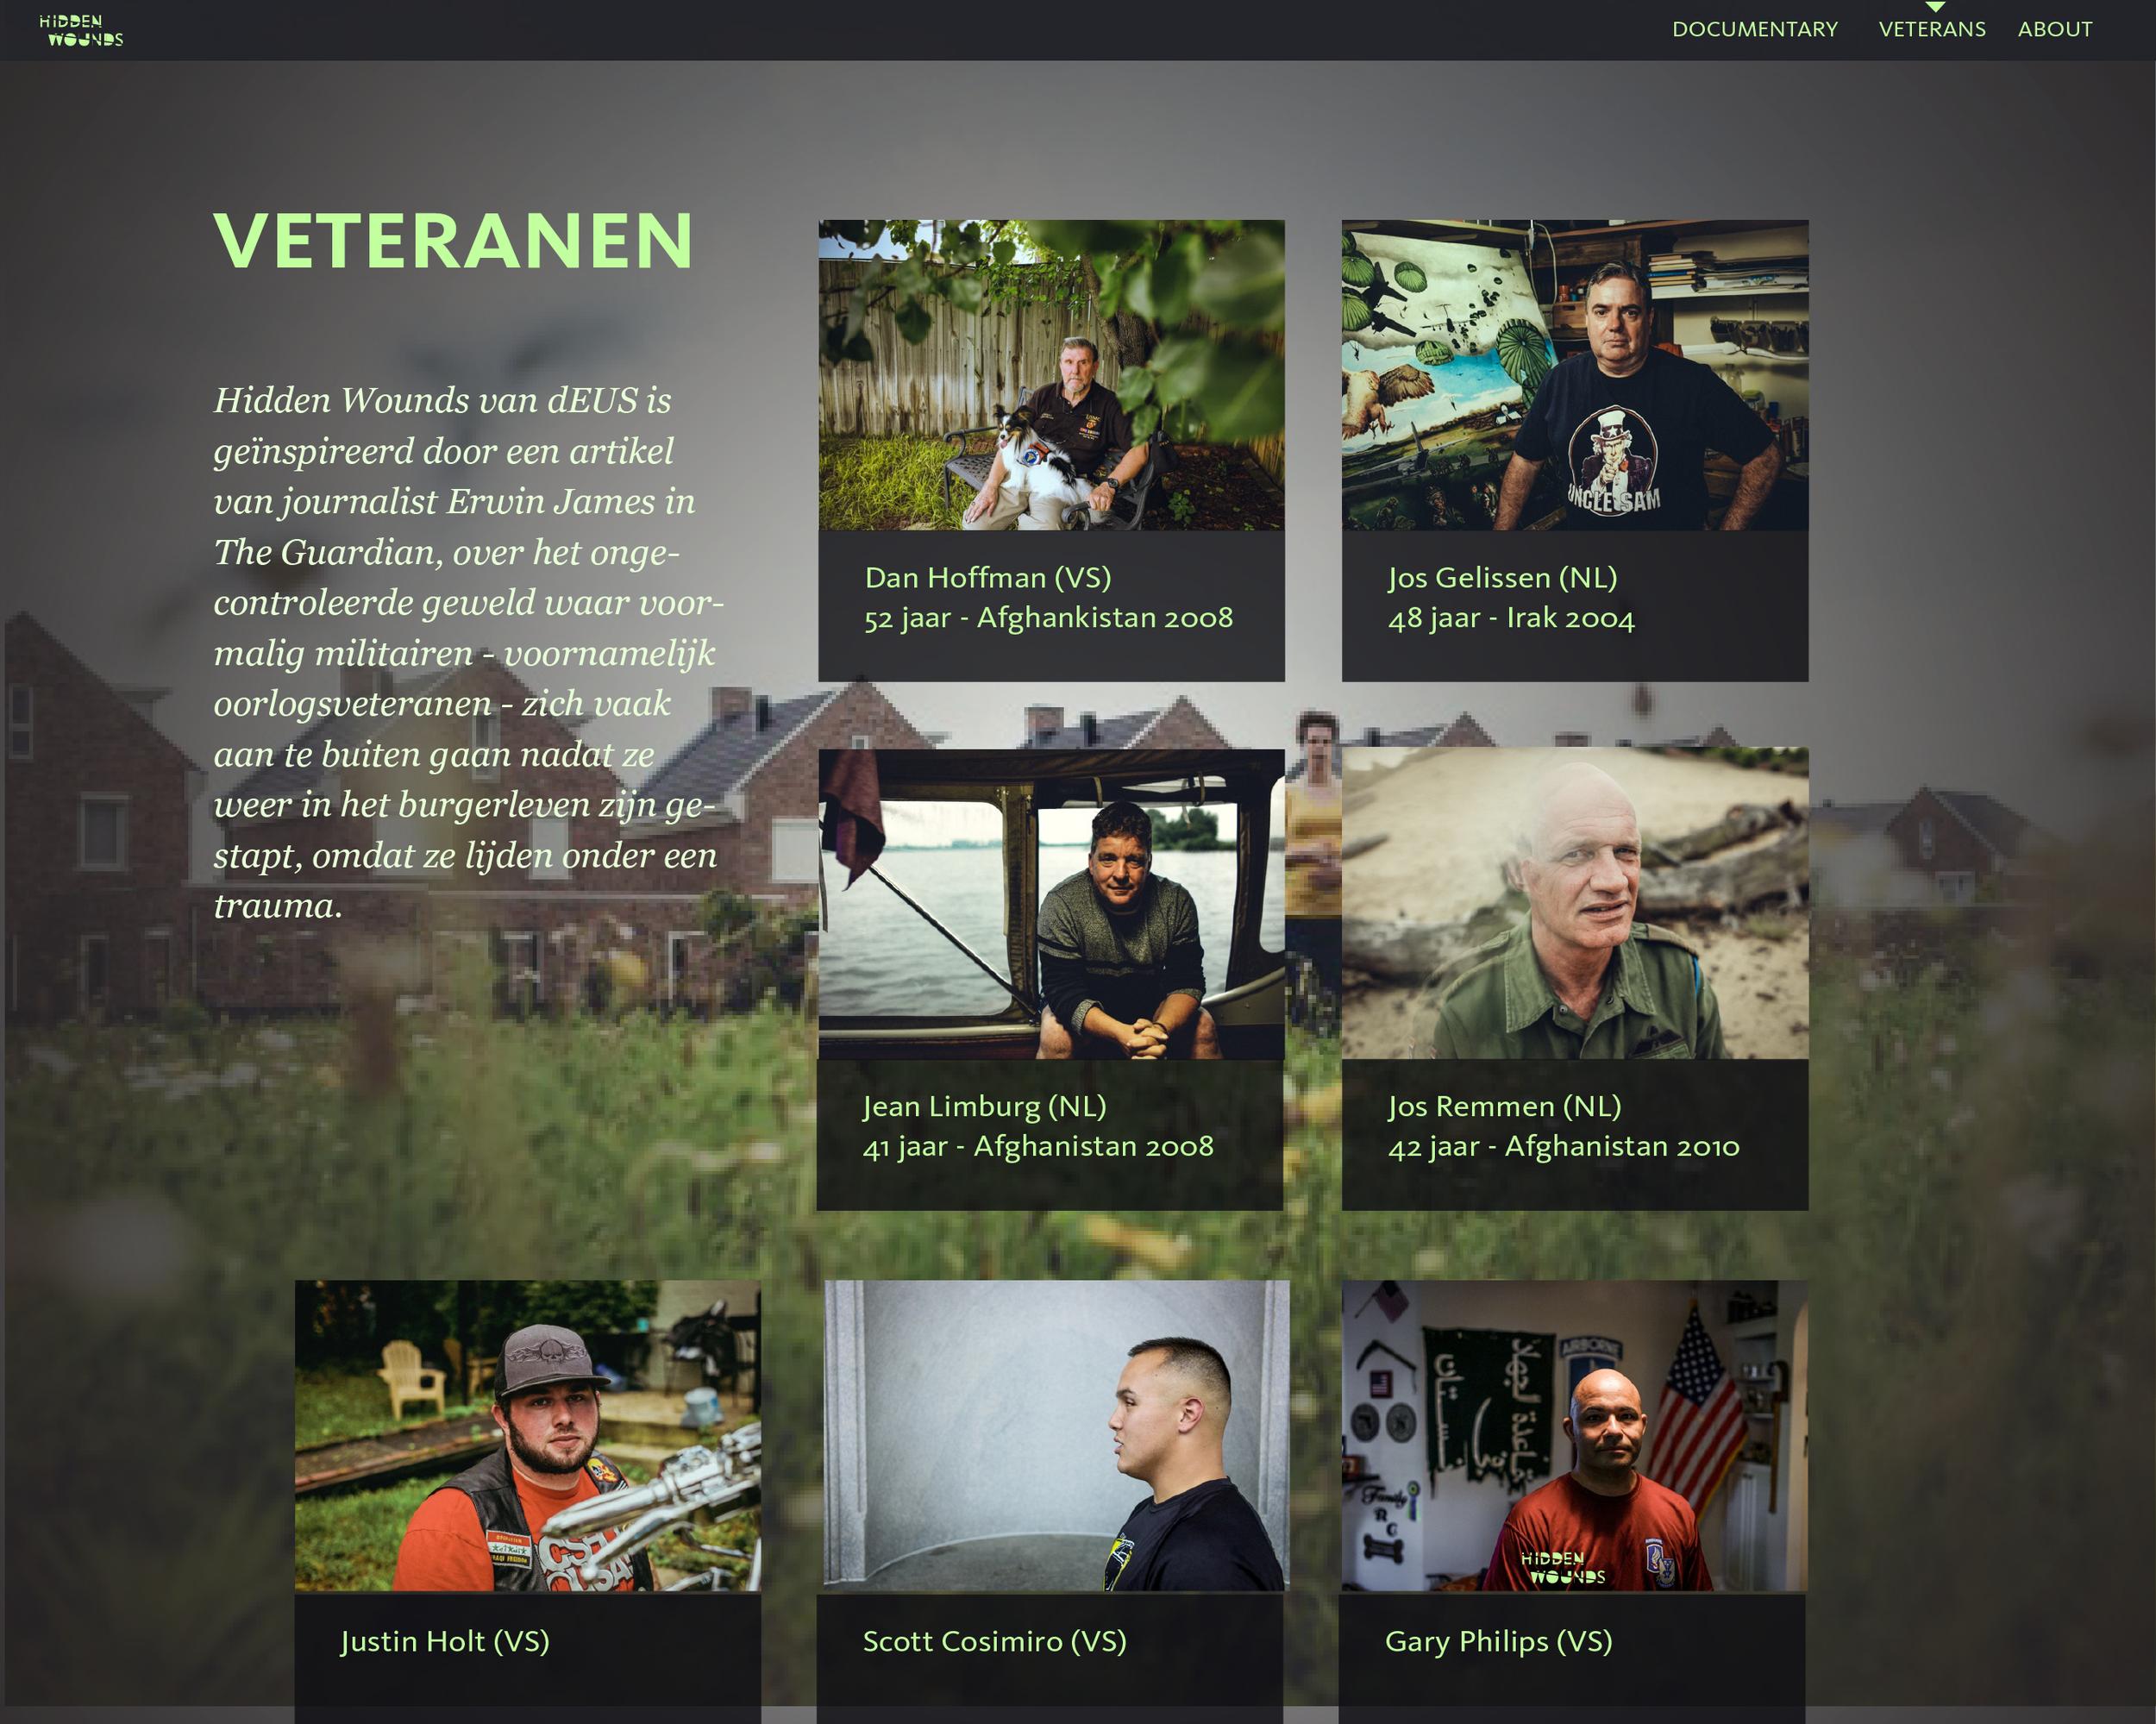 Overzicht veteranen op de website.